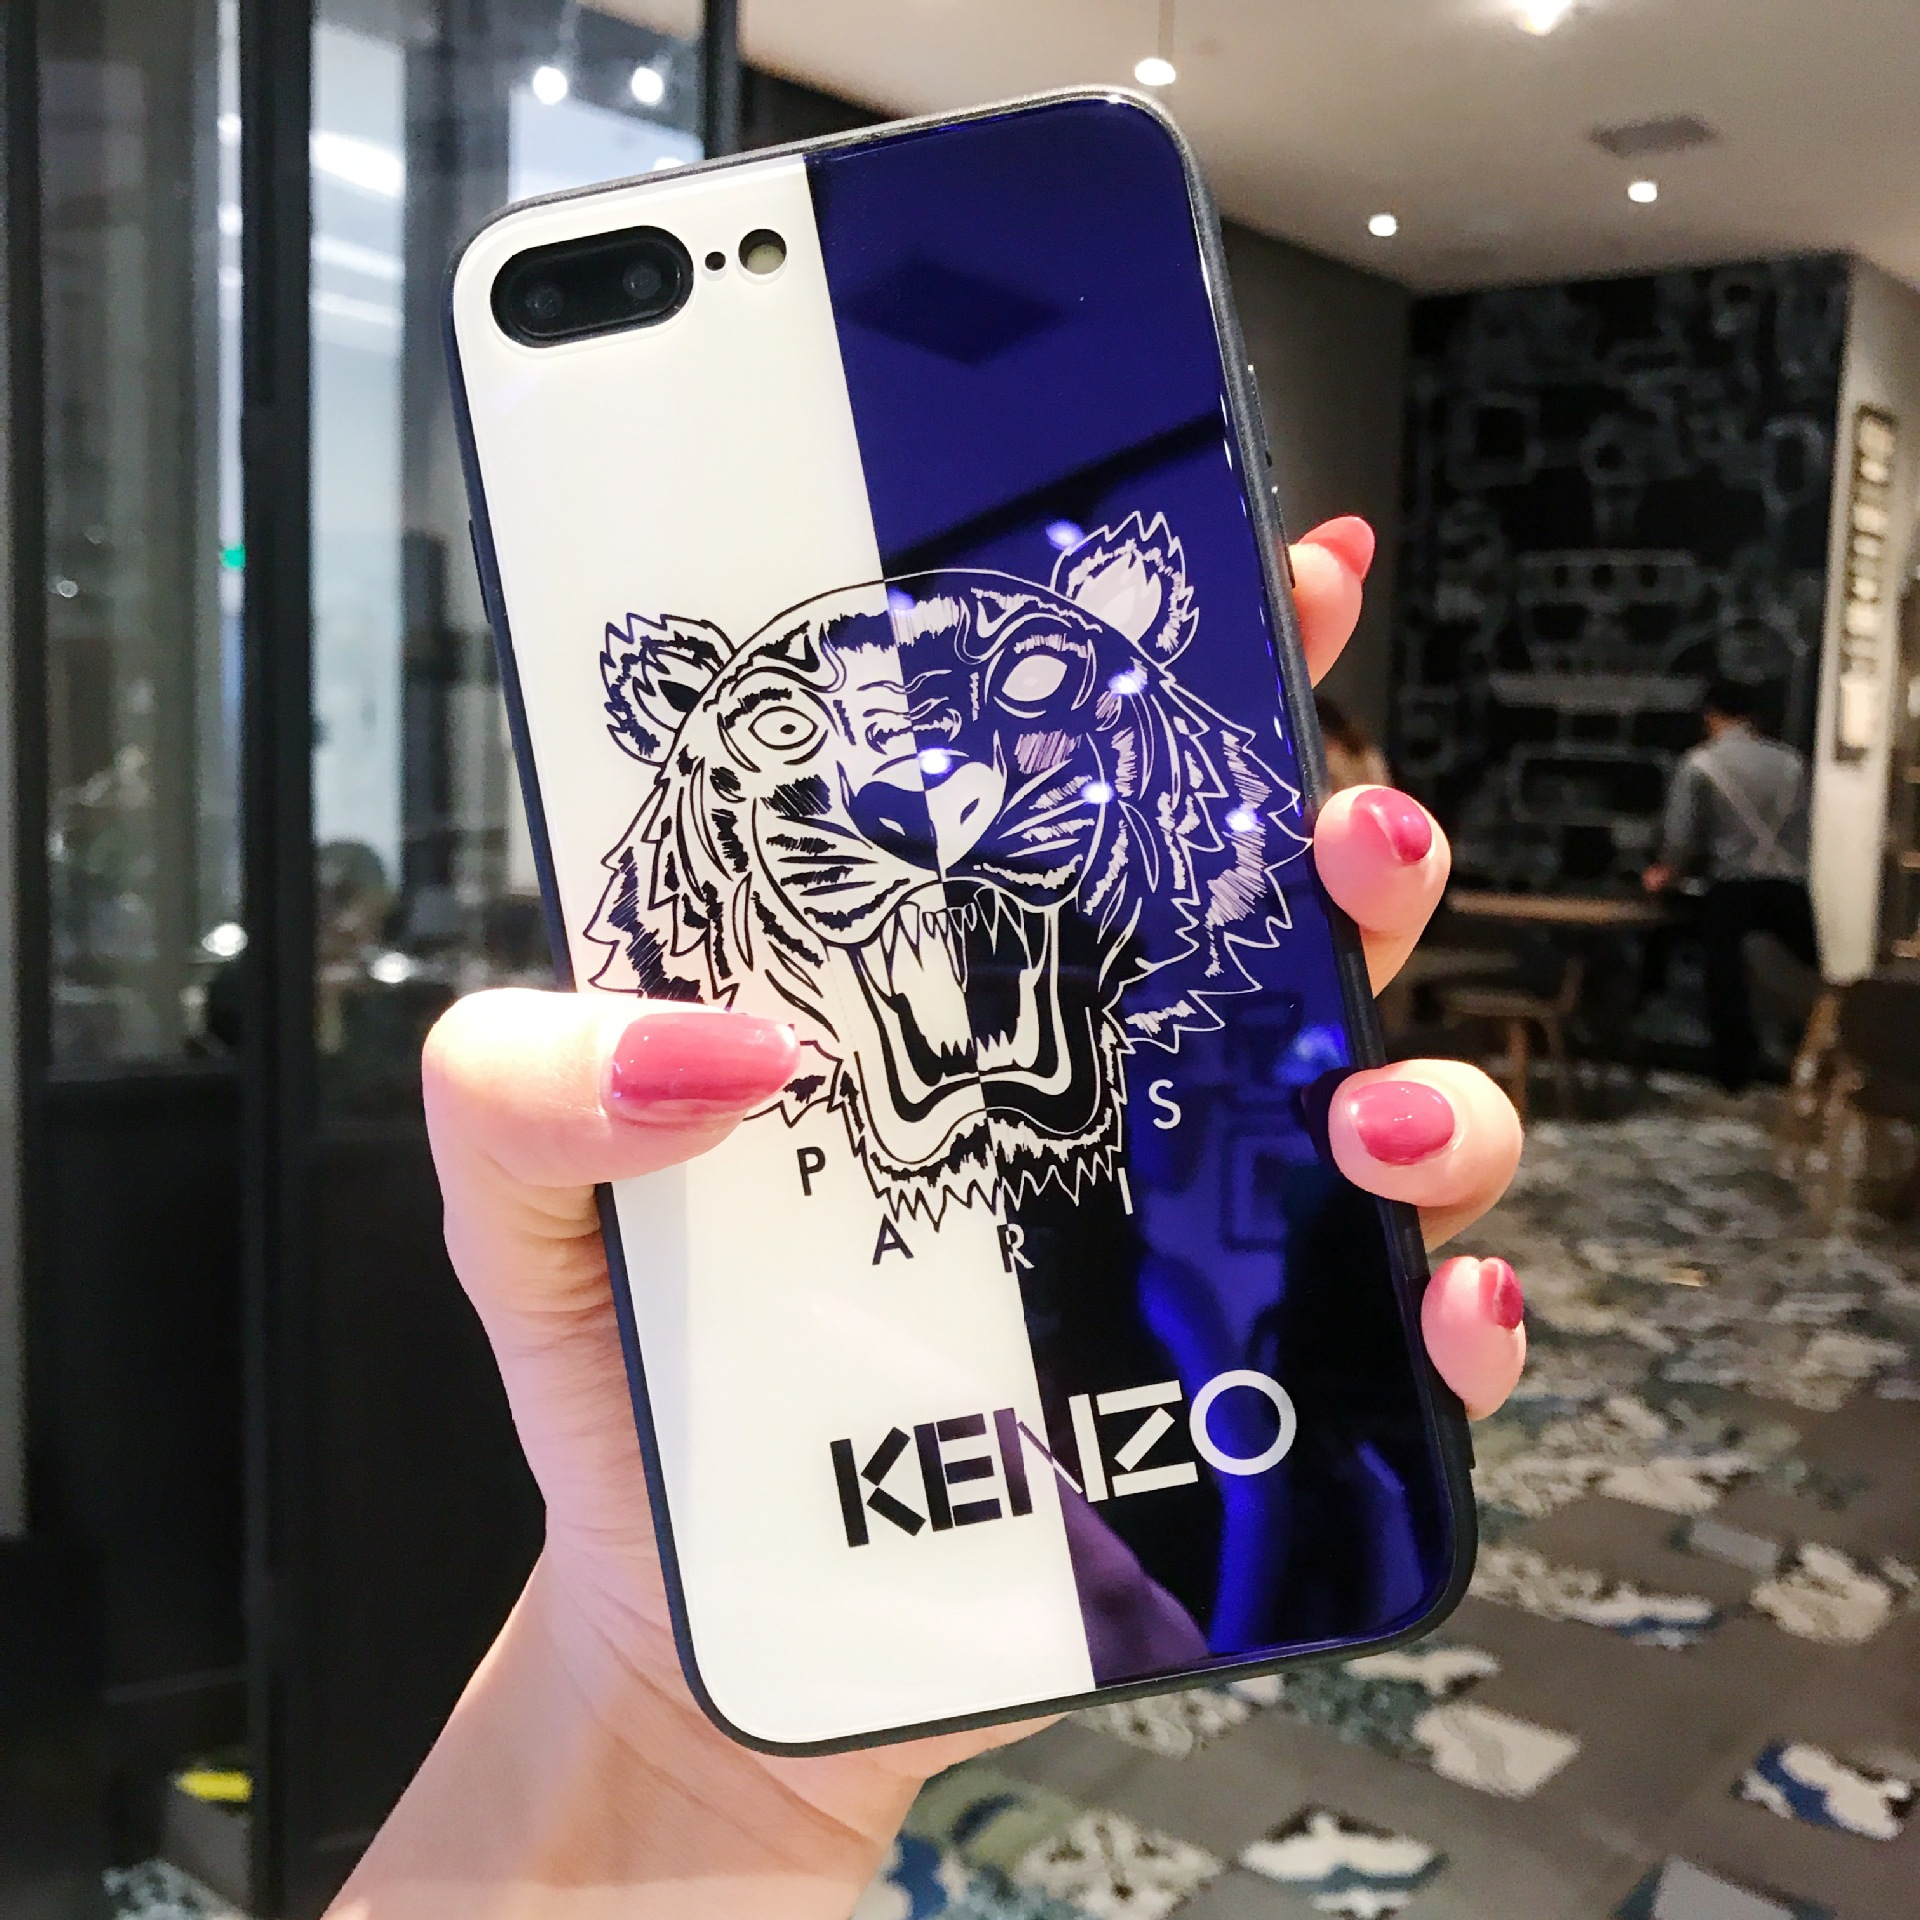 Barato tigre pintado marca blue ray vidro temperado eu phone case tpu capa para iphone 7/8 p 7/8 6 pçs iphone 6/6 s 2 cores disponíveis